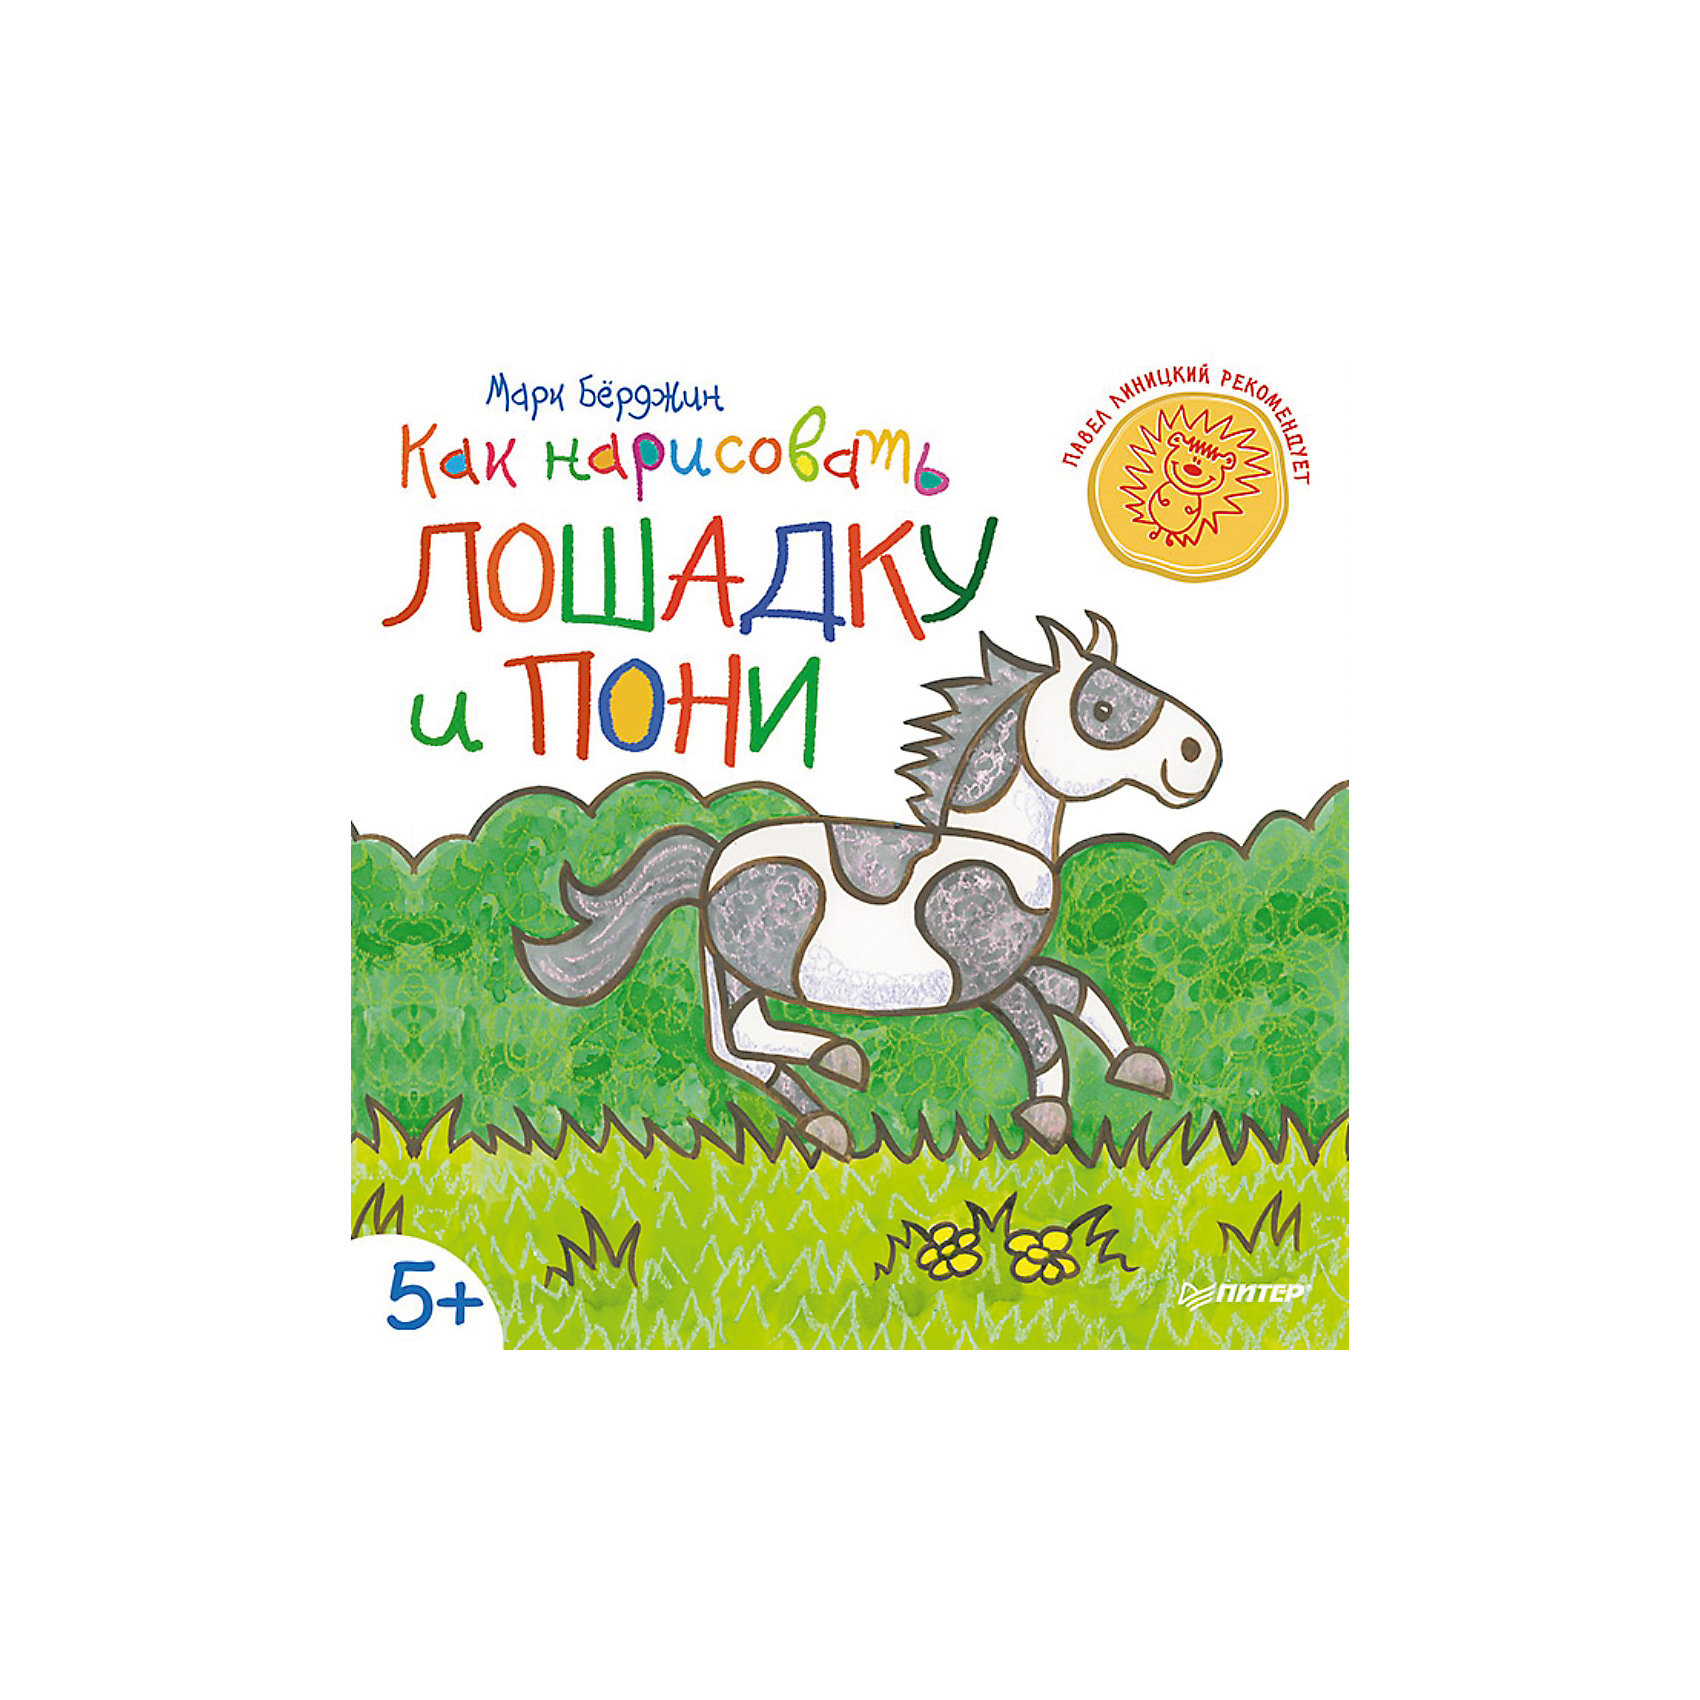 Как нарисовать лошадку и пониРисование<br>Характеристики книги Как нарисовать лошадку и пони:<br><br>• автор: Марк Берджин<br>• ориг.название: Its Fun to Draw Ponies and Horses<br>• формат издания: 22 х29 см (большой формат)<br>• количество страниц: 48<br>• год выпуска: 2015<br>• издательство: Питер<br>• серия: Вы и Ваш ребенок<br>• переводчик: Павел Линицкий<br>• переплет: мягкая обложка<br>• цветные иллюстрации : да<br>• язык издания: русский<br>• возраст: от 5 лет <br>• тип издания: отдельное издание<br>• вес в упаковке: 190 г<br><br>Хотите научиться рисовать задорную дрессированную лошадку, лохматого шотландского (а вовсе не шотландского!) Пони или милое лошадиное семейство? Открывайте книжку, читайте простые пошаговые инструкции и рисуйте на радость себе и детям! А заодно расскажите малышам, что скачки с барьерами называются конкуром, а первые кавалеристы появились 5000 лет назад. Забавные факты из лошадиной жизни сделают совместное рисование с детьми незабываемым. В конце книги вы найдёте блокнотик для закрепления результатов и новых экспериментов.<br><br>Об авторе:<br><br>Марк Бёрджин — английский художник, автор более 20 книг. Иллюстрации Марка были удостоены особых наград. Бёрджин оформил множество книг и плакатов, рисовал для мультфильмов и рекламных роликов. Сегодня он живёт на юге Англии с женой и тремя детьми.<br><br>Книгу Как нарисовать лошадку и пони издательства Питер  можно купить в нашем интернет-магазине.<br><br>Ширина мм: 290<br>Глубина мм: 215<br>Высота мм: 30<br>Вес г: 135<br>Возраст от месяцев: -2147483648<br>Возраст до месяцев: 2147483647<br>Пол: Унисекс<br>Возраст: Детский<br>SKU: 5480508